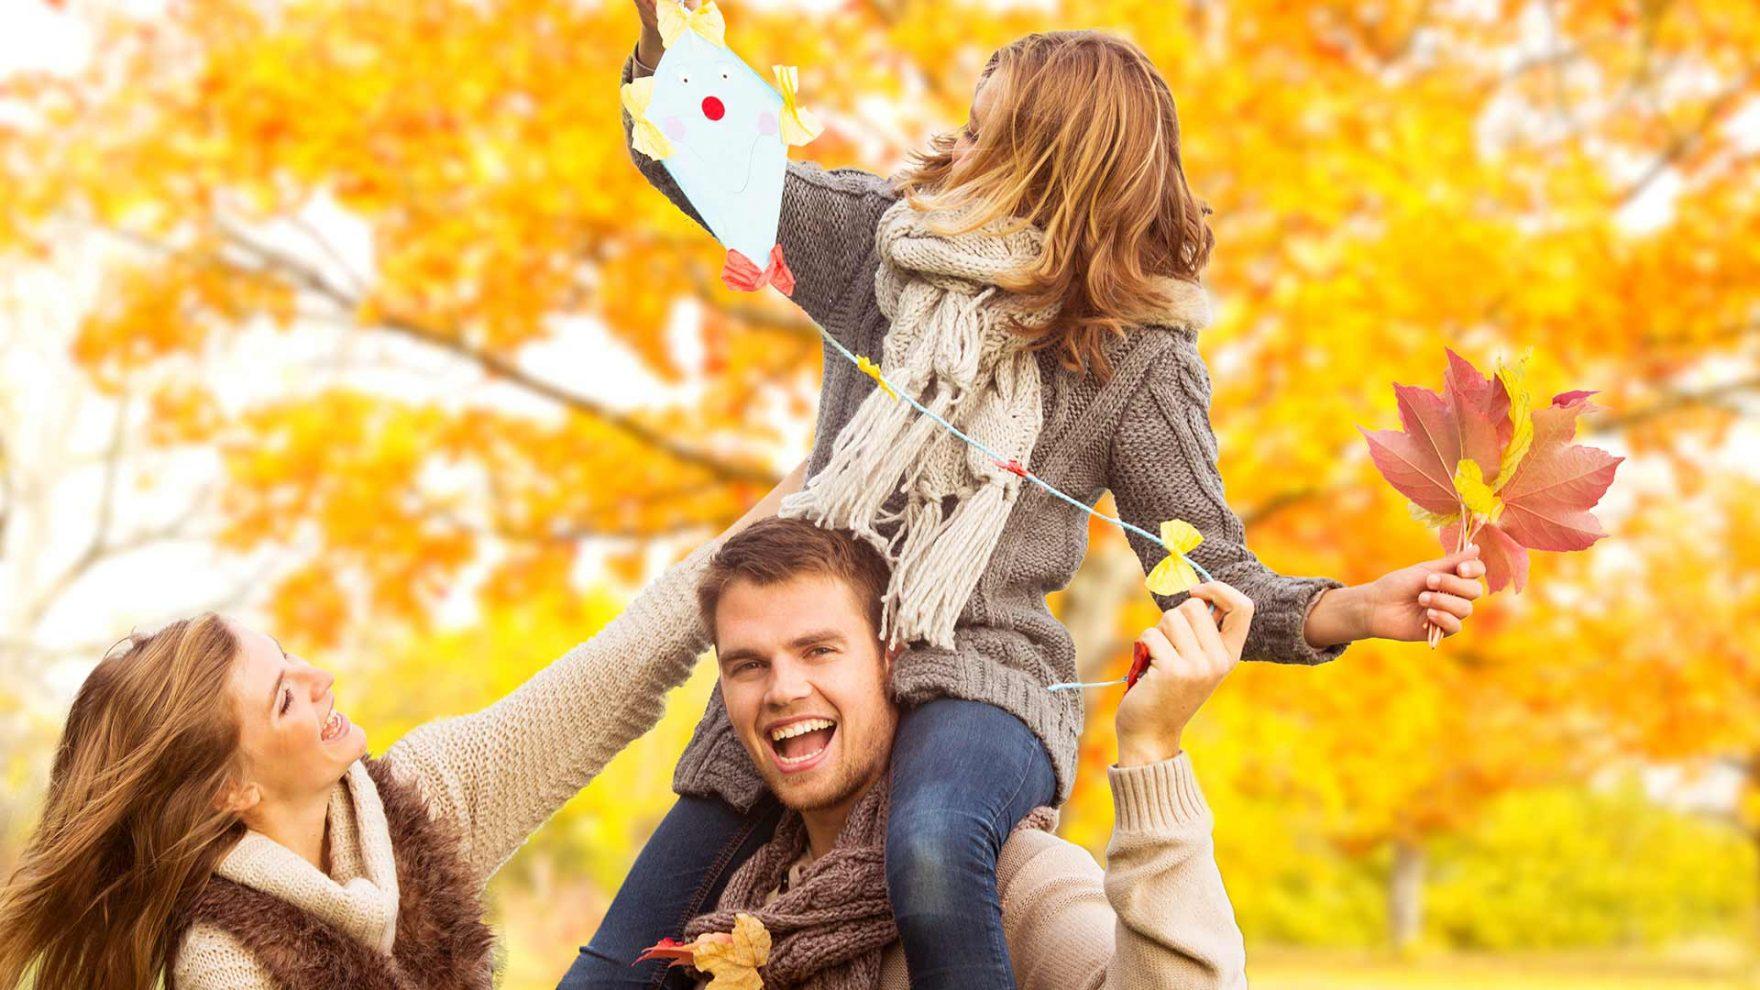 Vacanze d'autunno a Merano e dintorni - Vacanze in famiglia